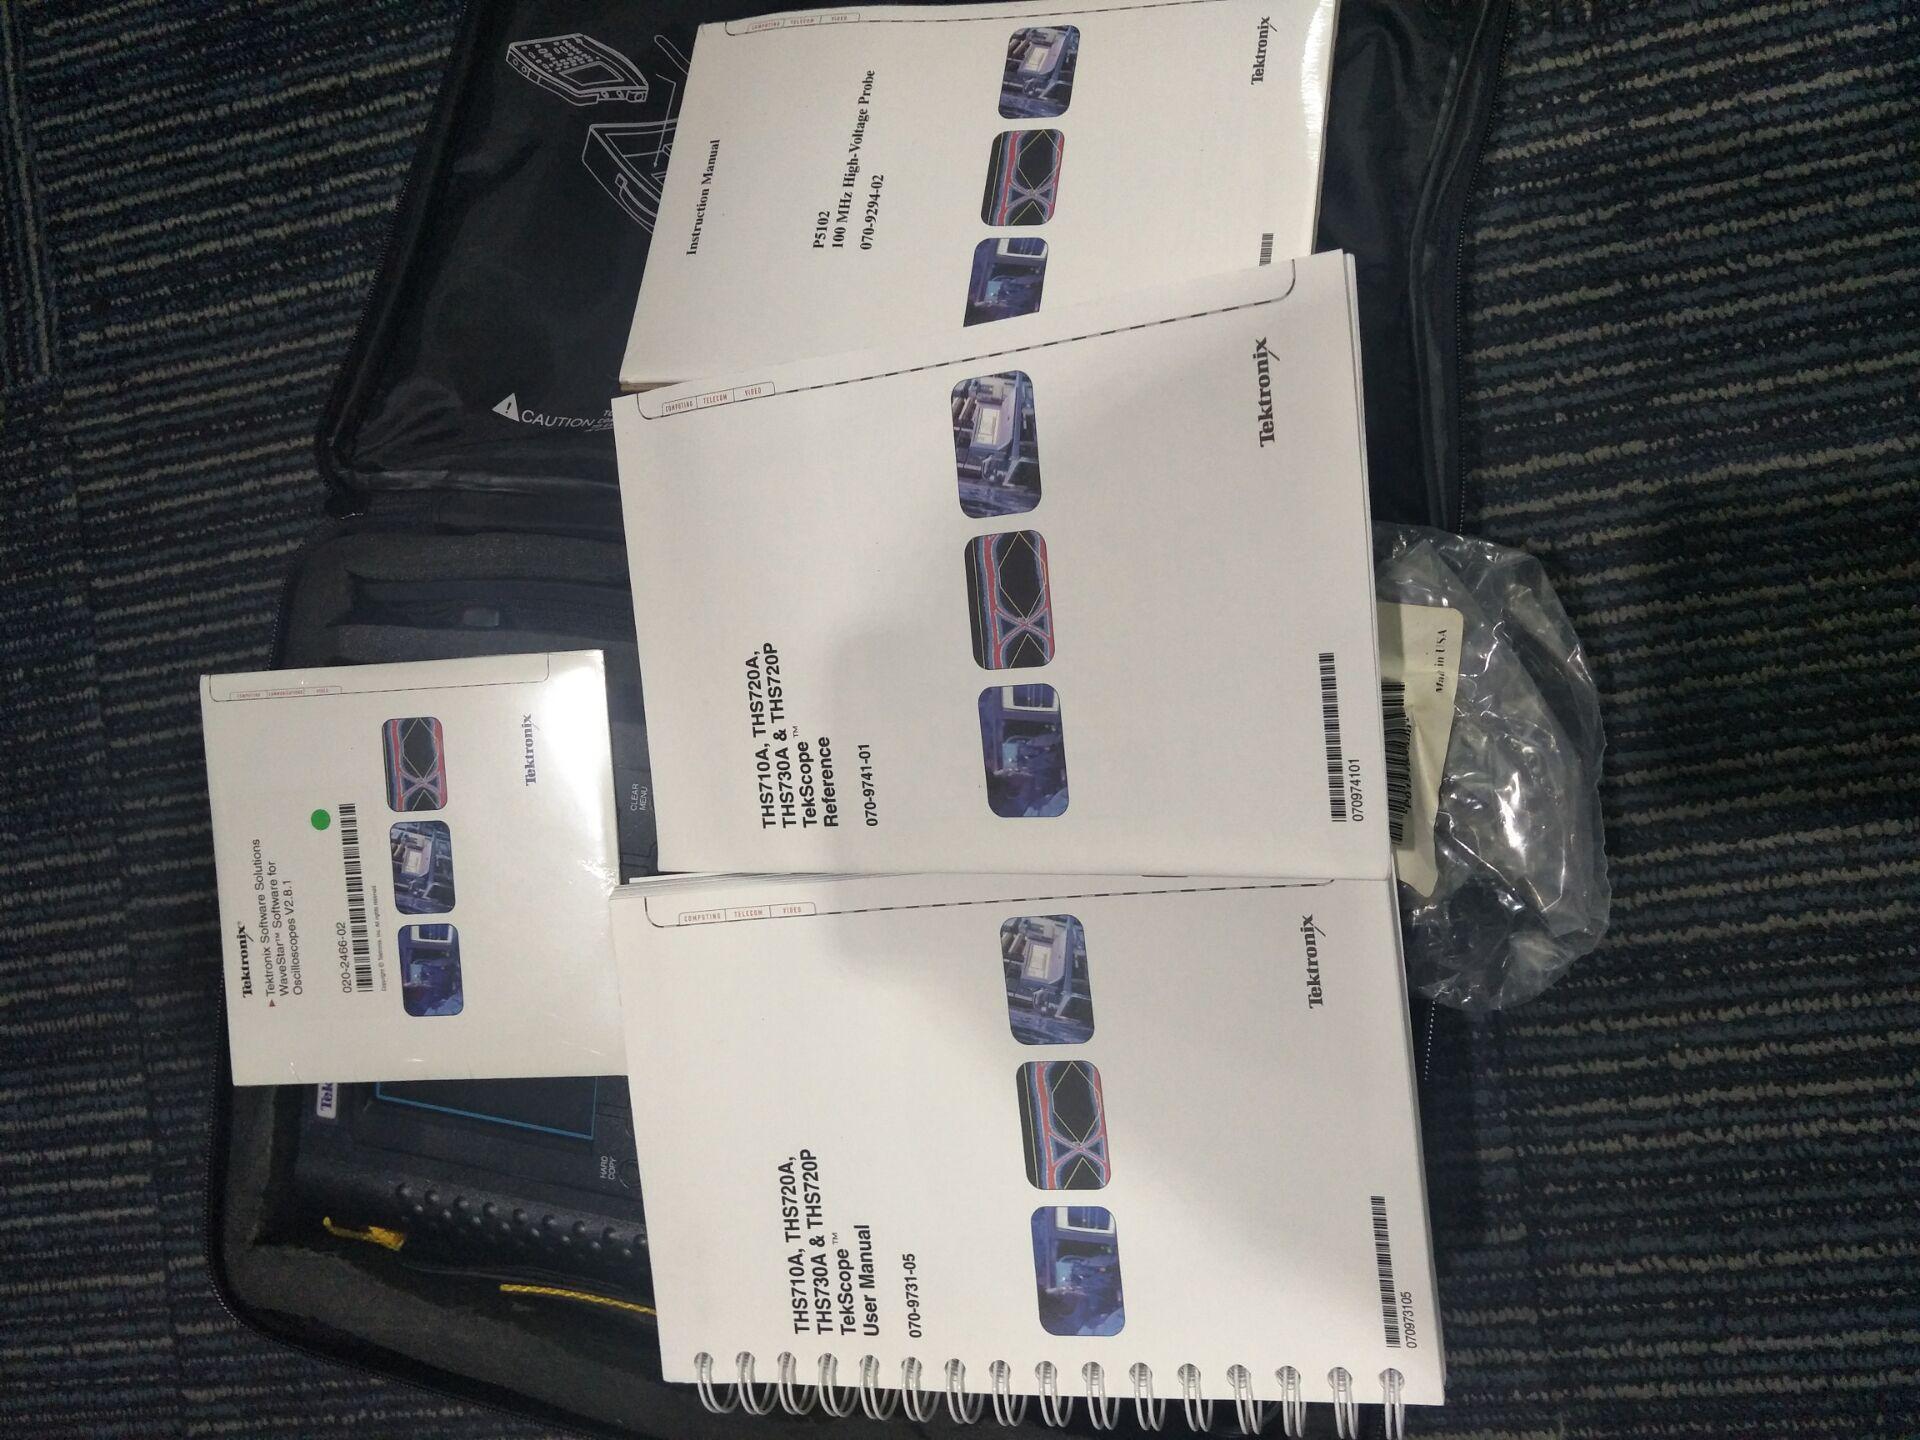 出售/租售全新泰克THS720P手持示波器物美价廉.配机齐全